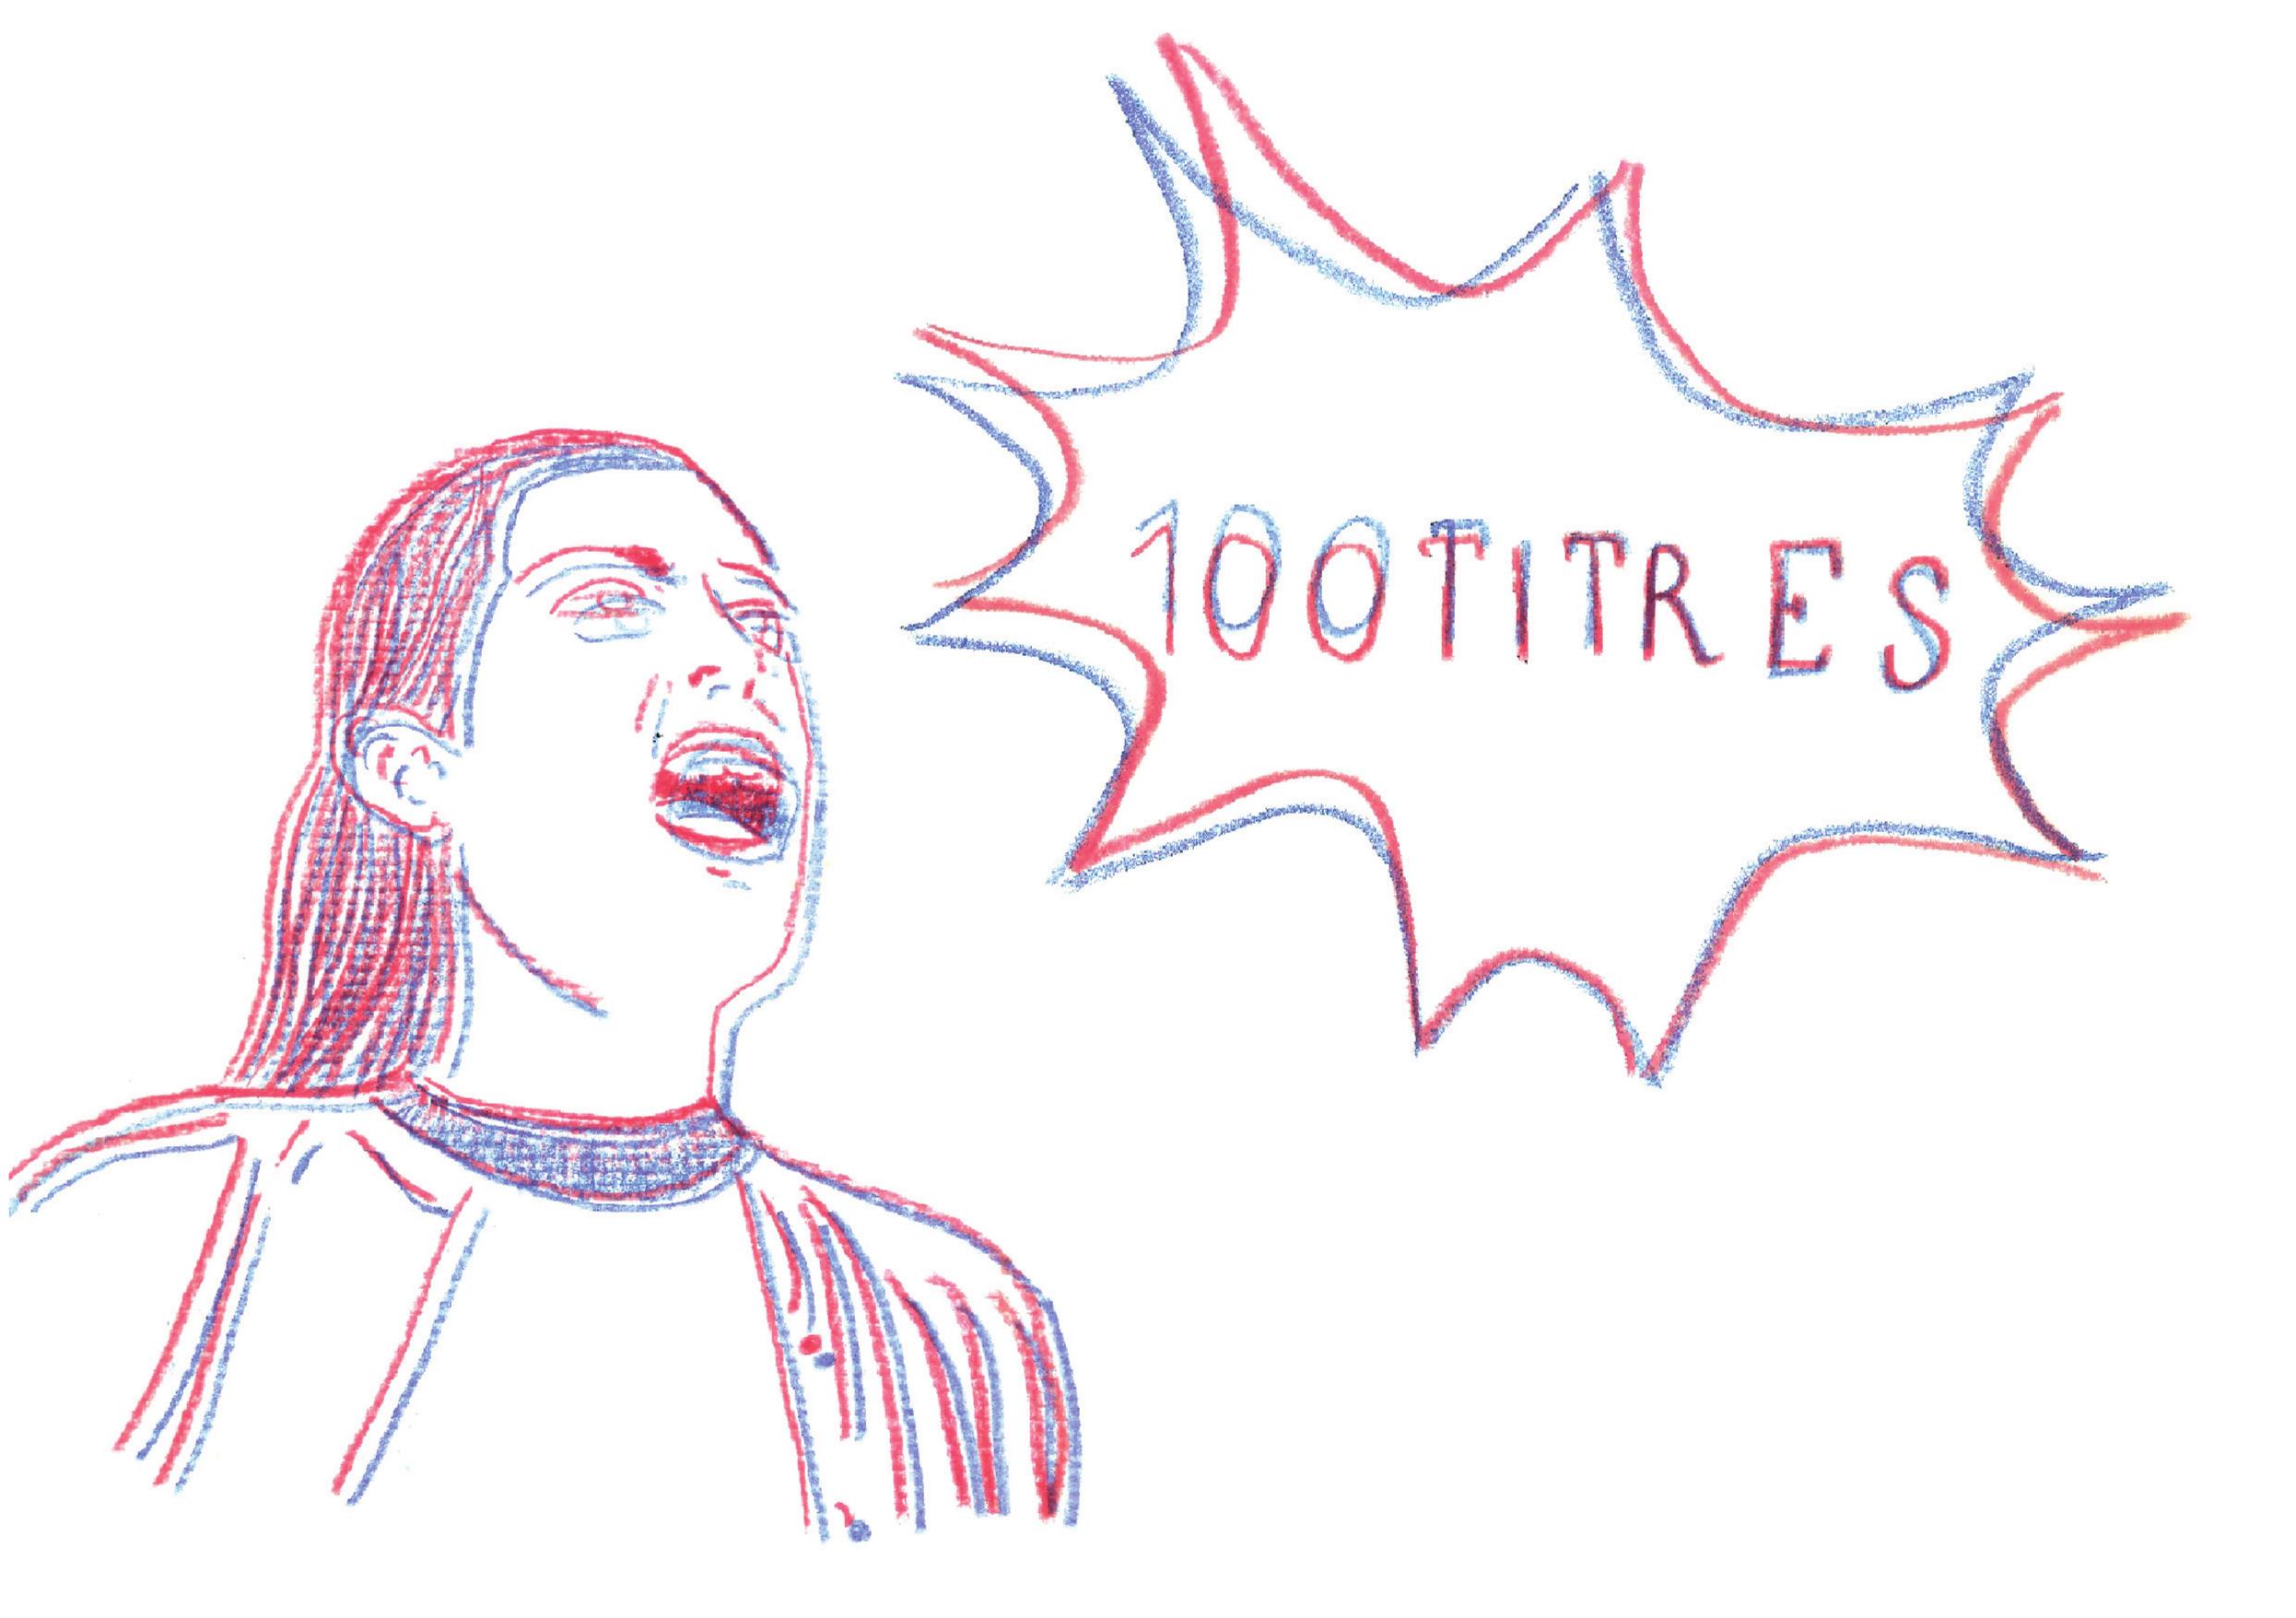 100TITRES chez Bel Oeil